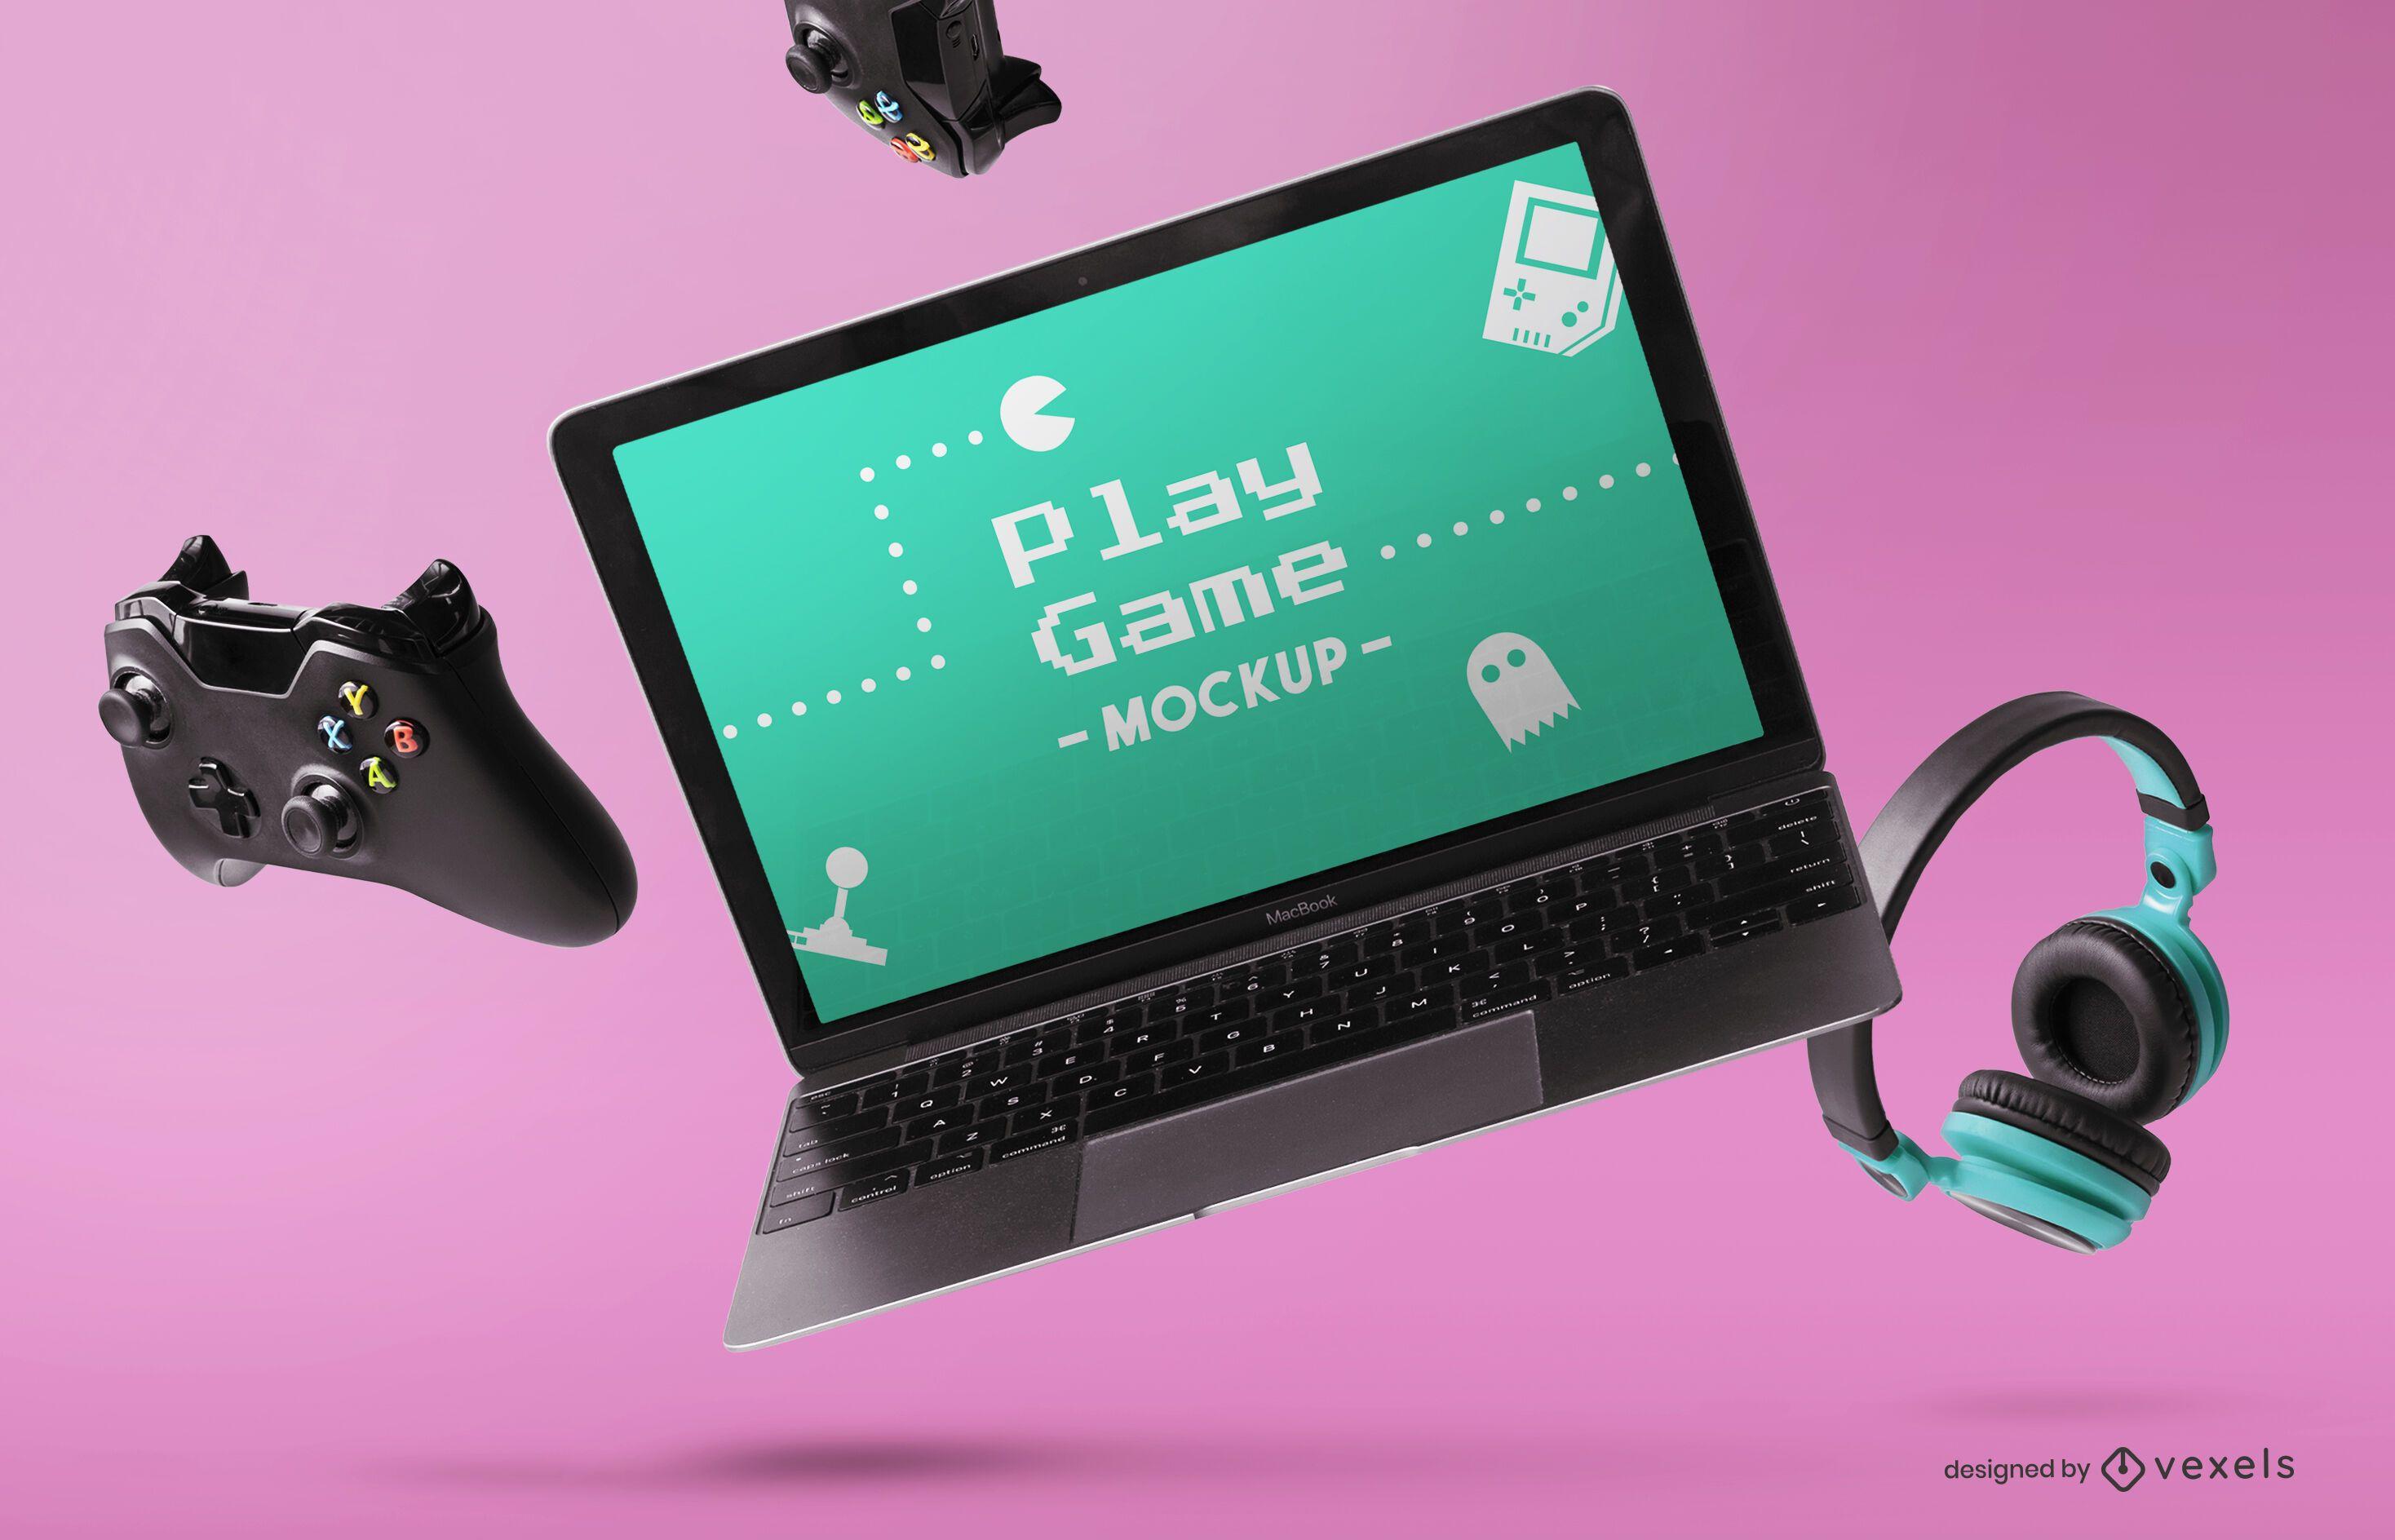 Composición de maqueta de portátil para juegos